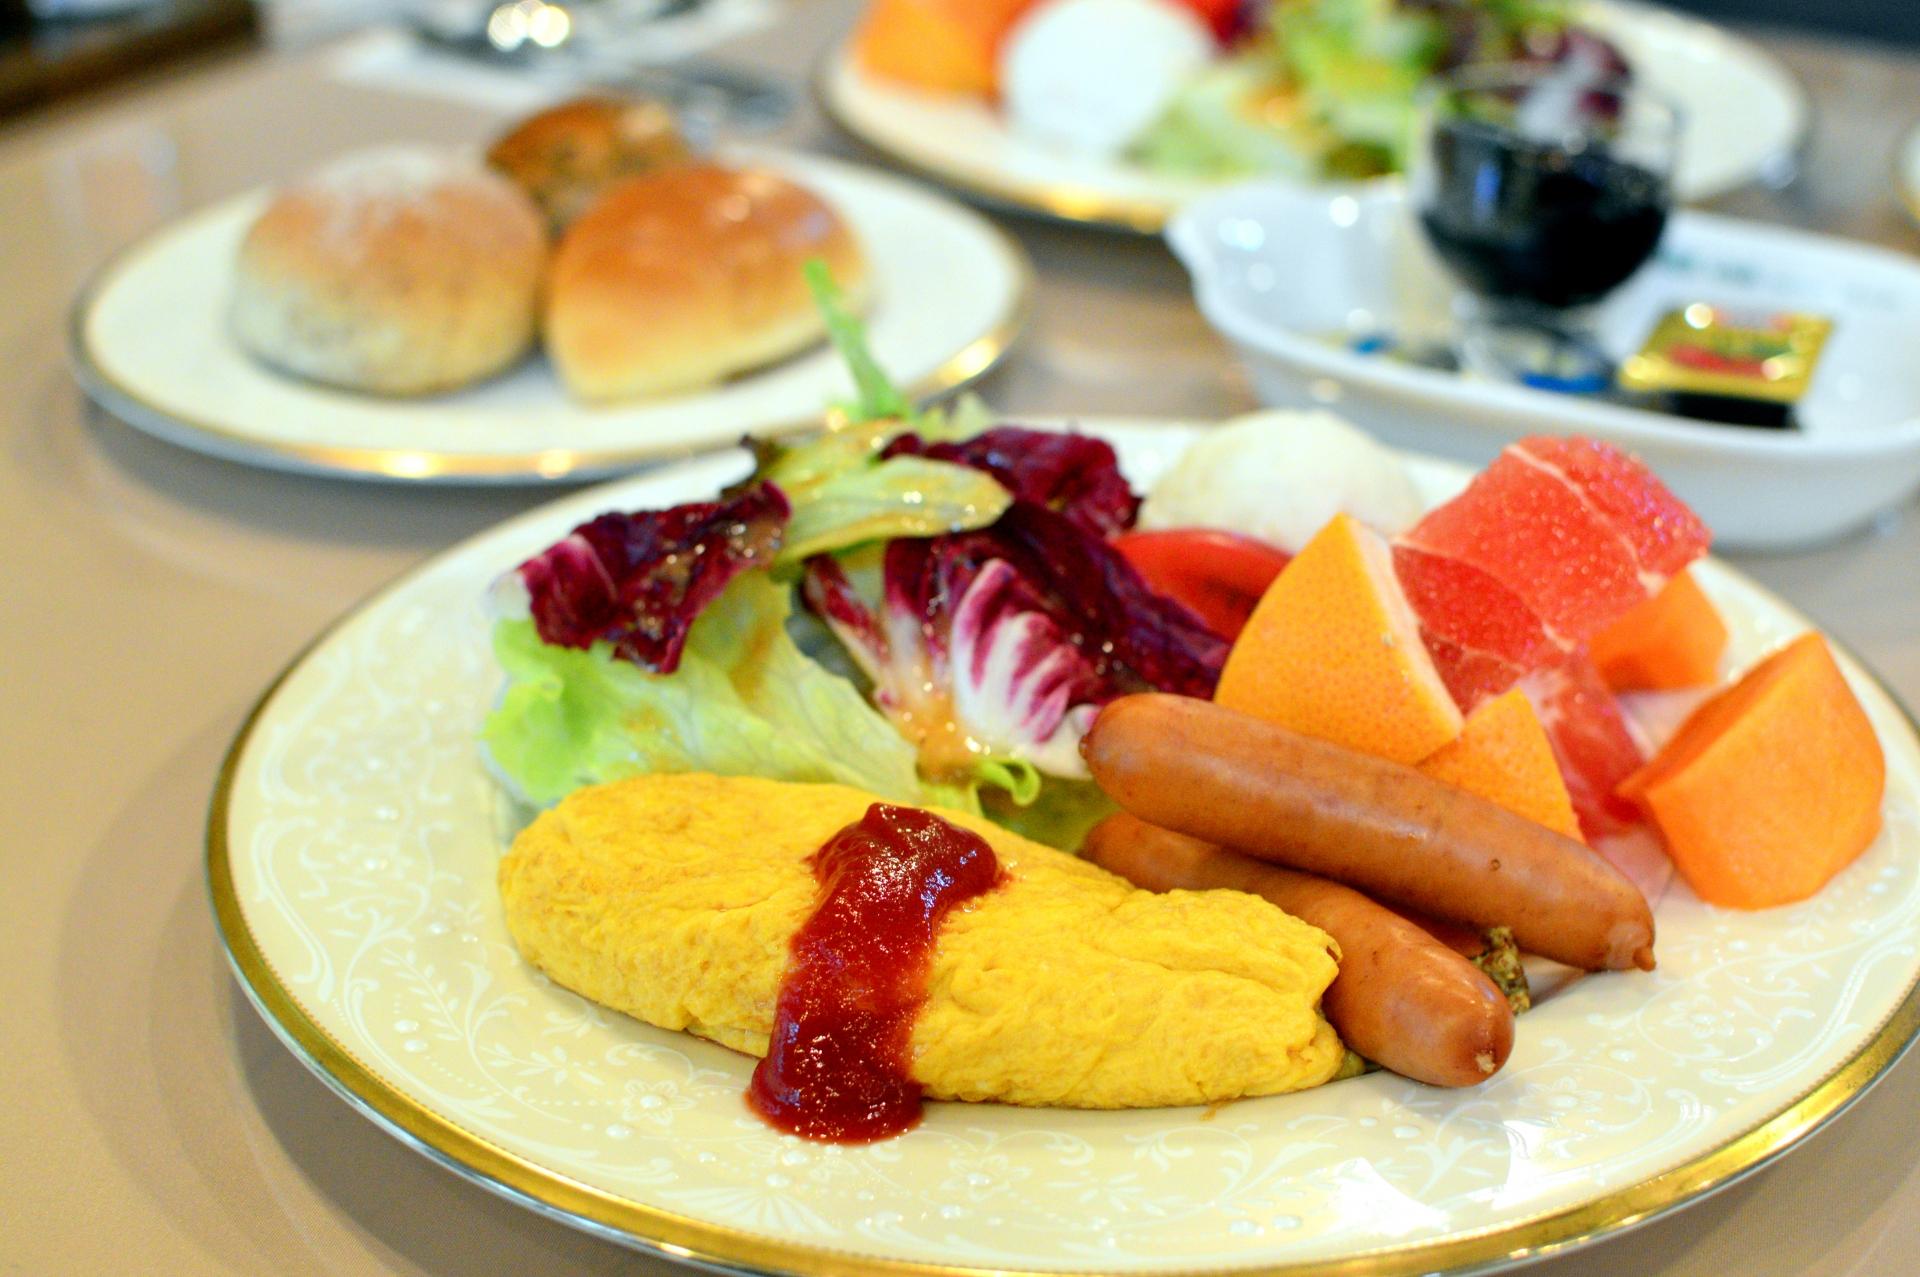 金沢の朝食におすすめ!人気のホテルや喫茶店のおいしいごはんを紹介!